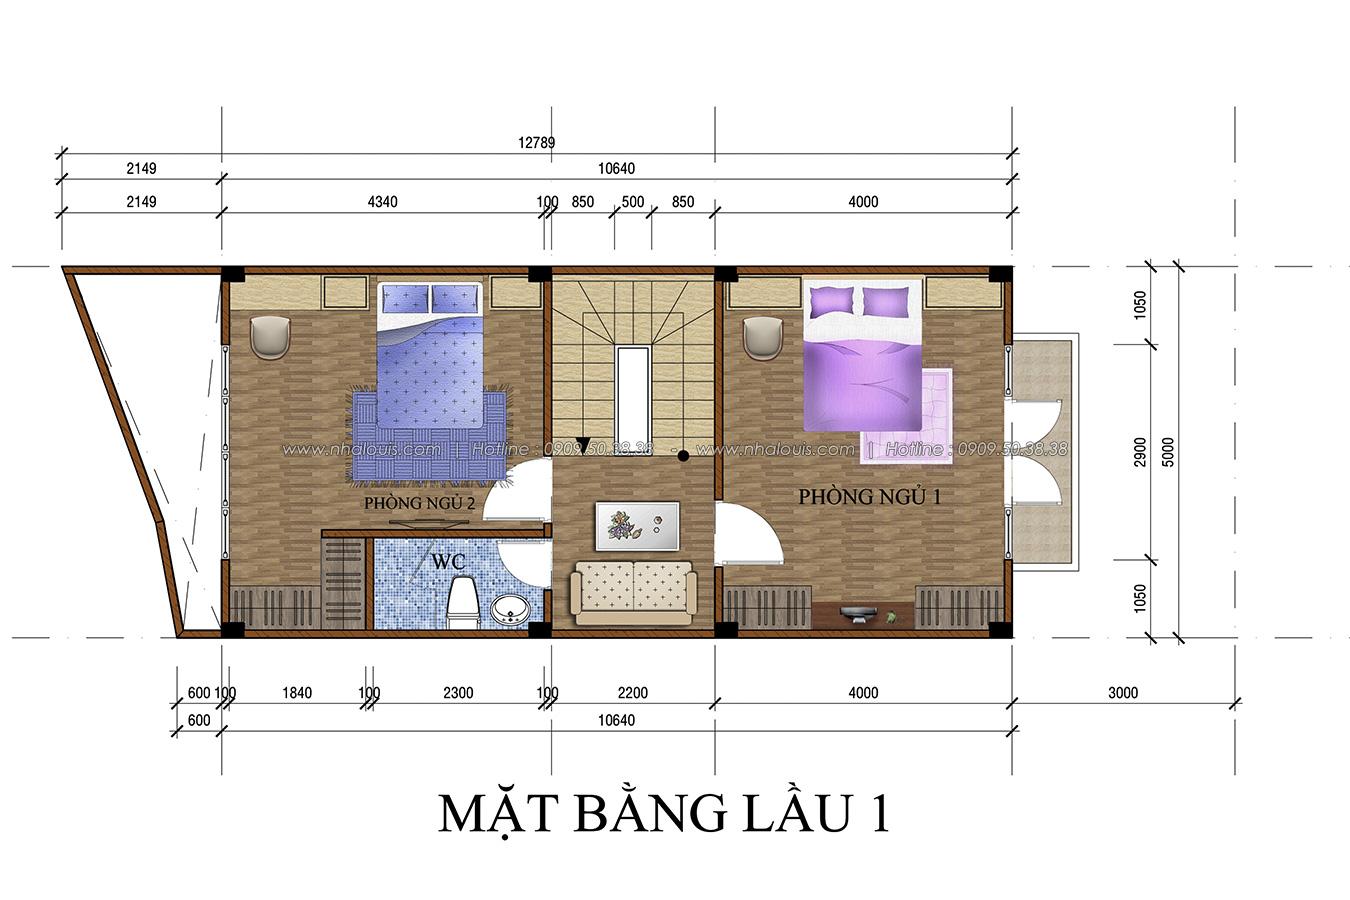 Thiết kế nhà tân cổ điển 2 tầng tại Bình Dương đẹp sửng sốt - 10